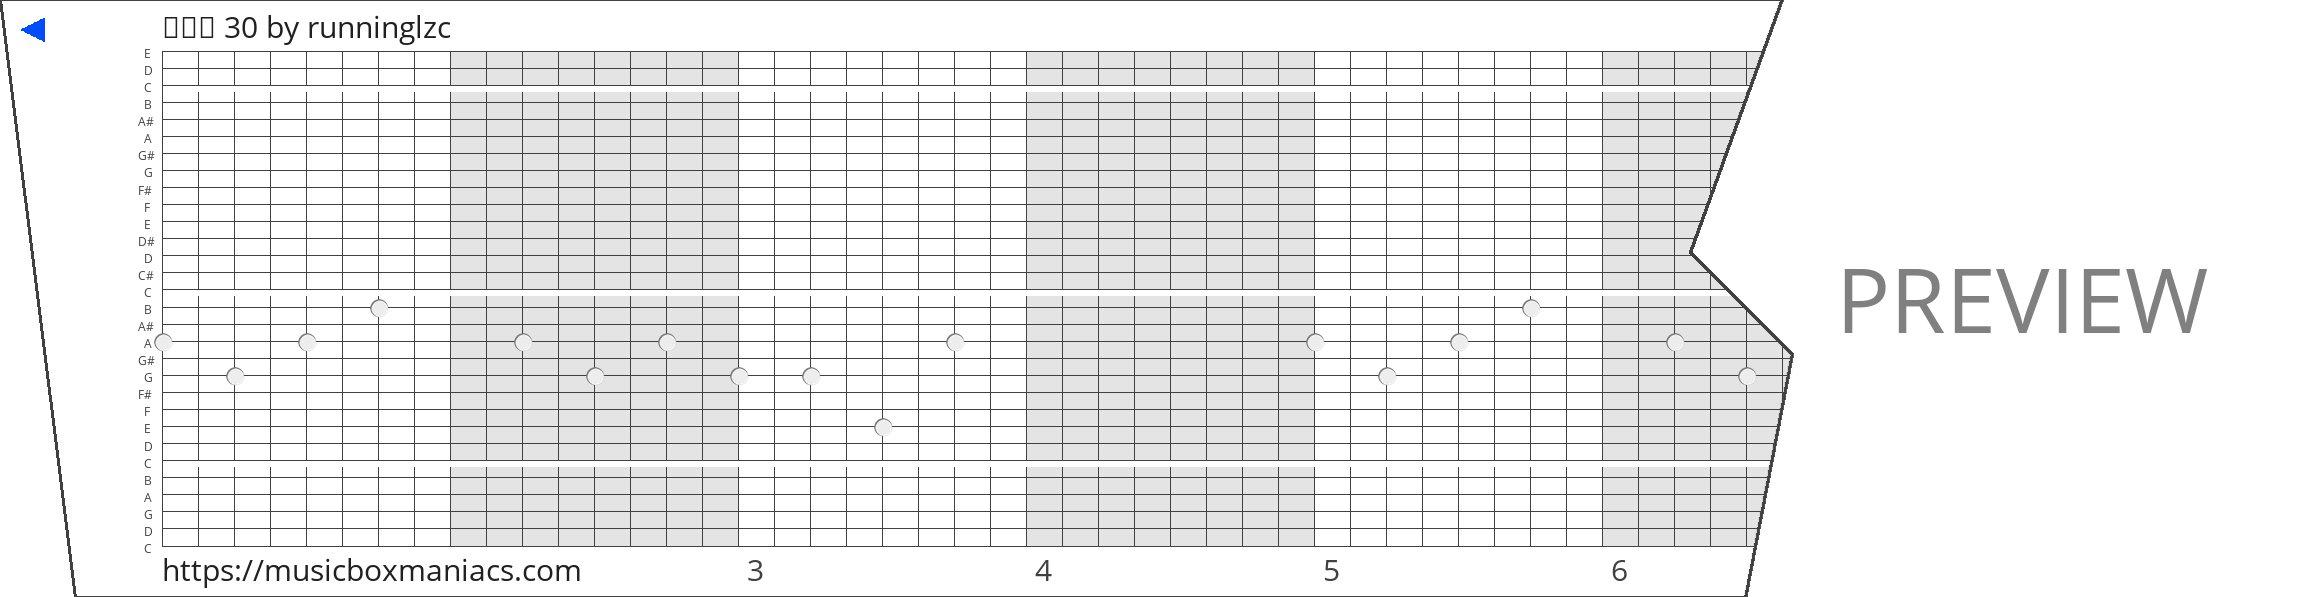 东风破 30 30 note music box paper strip